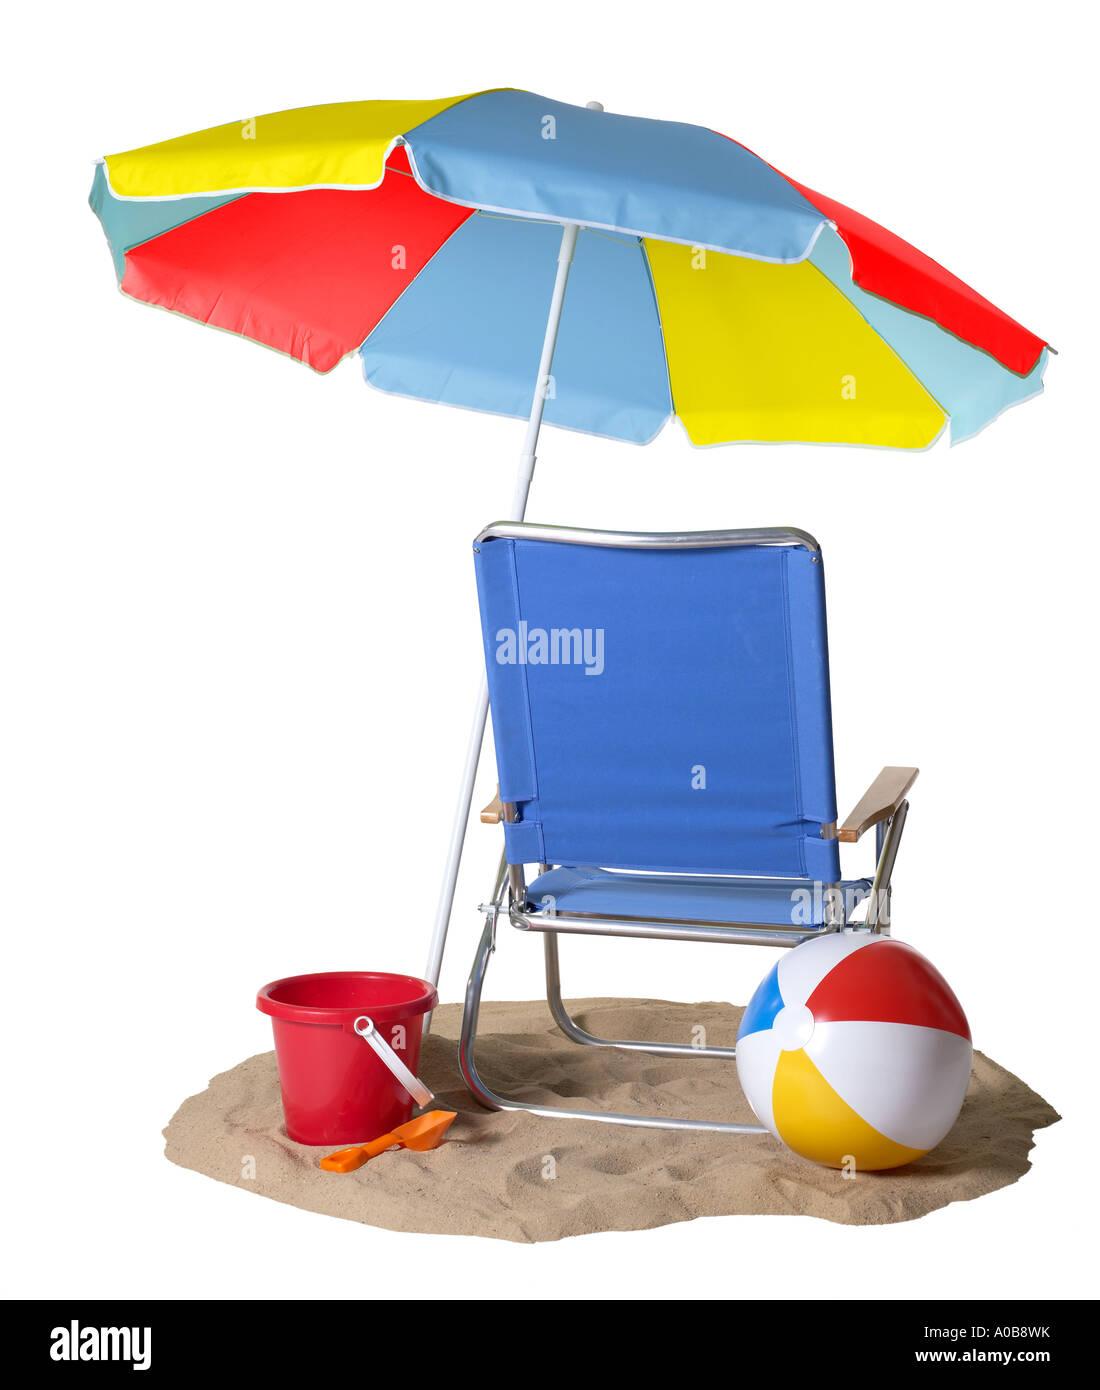 Beach Chair Umbrella Beachball  sc 1 st  Alamy & Beach Chair Umbrella Beachball Stock Photo: 9940974 - Alamy